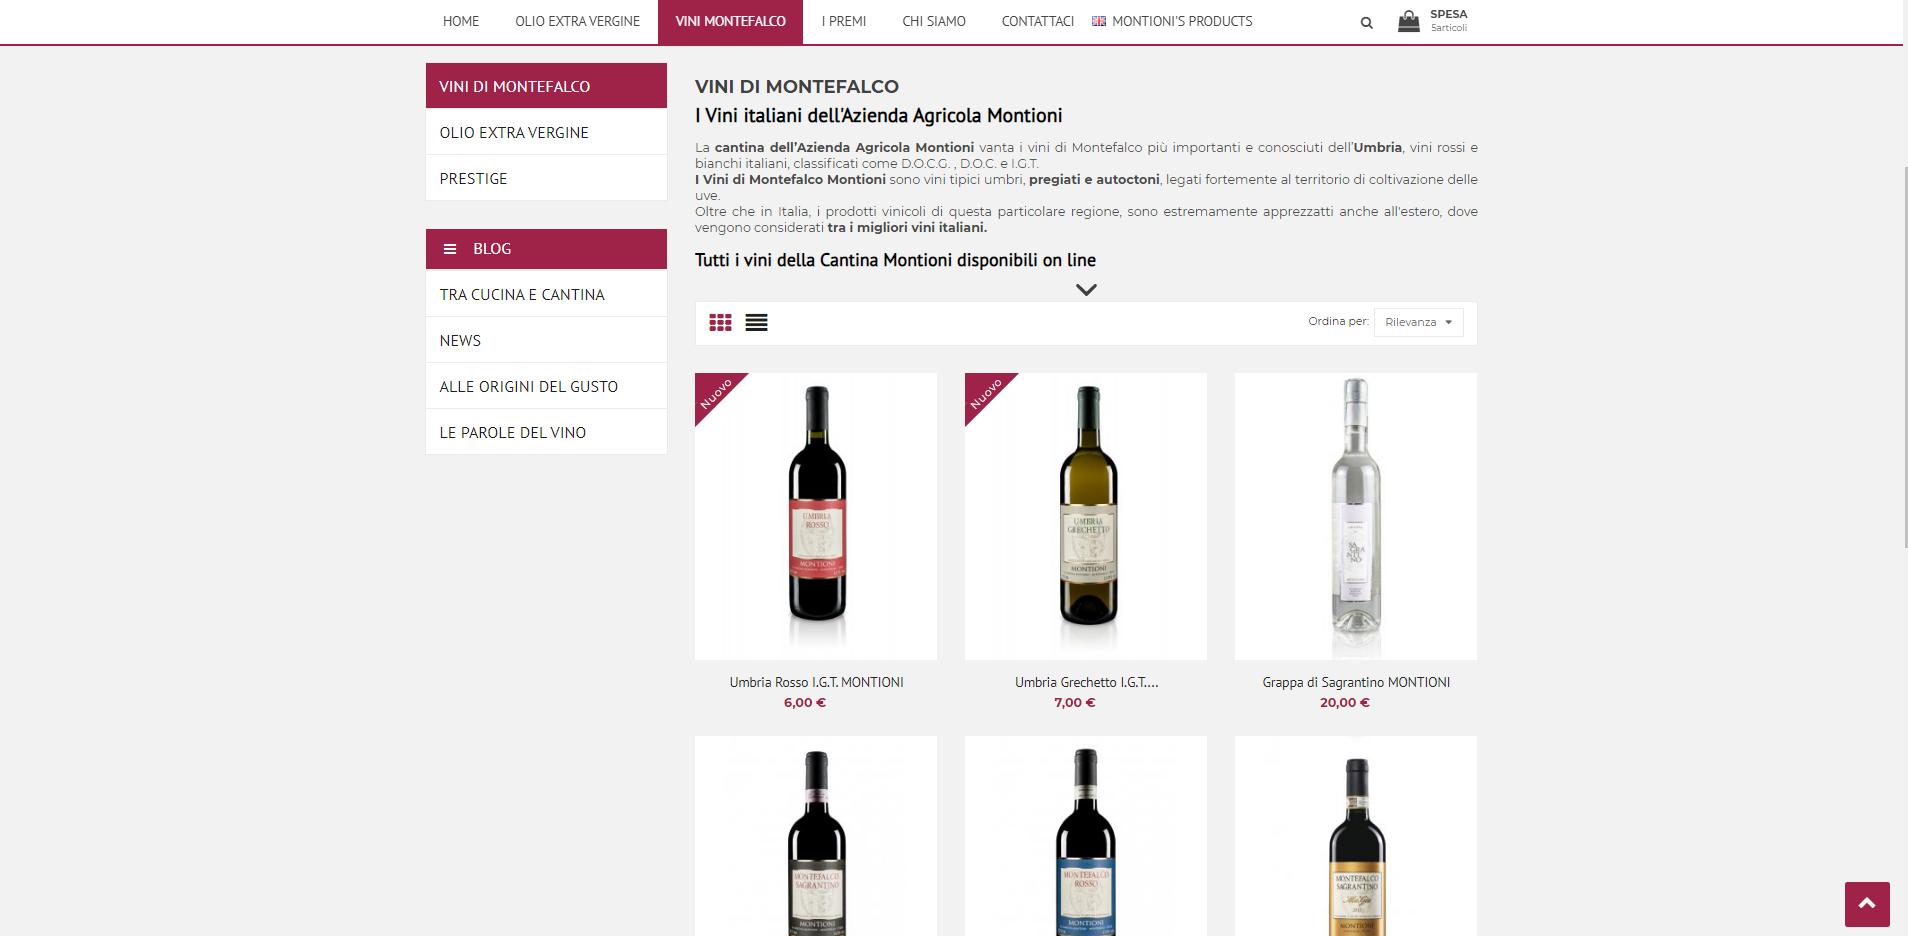 screenshot prodotti in vendita nell'ecommerce Montioni